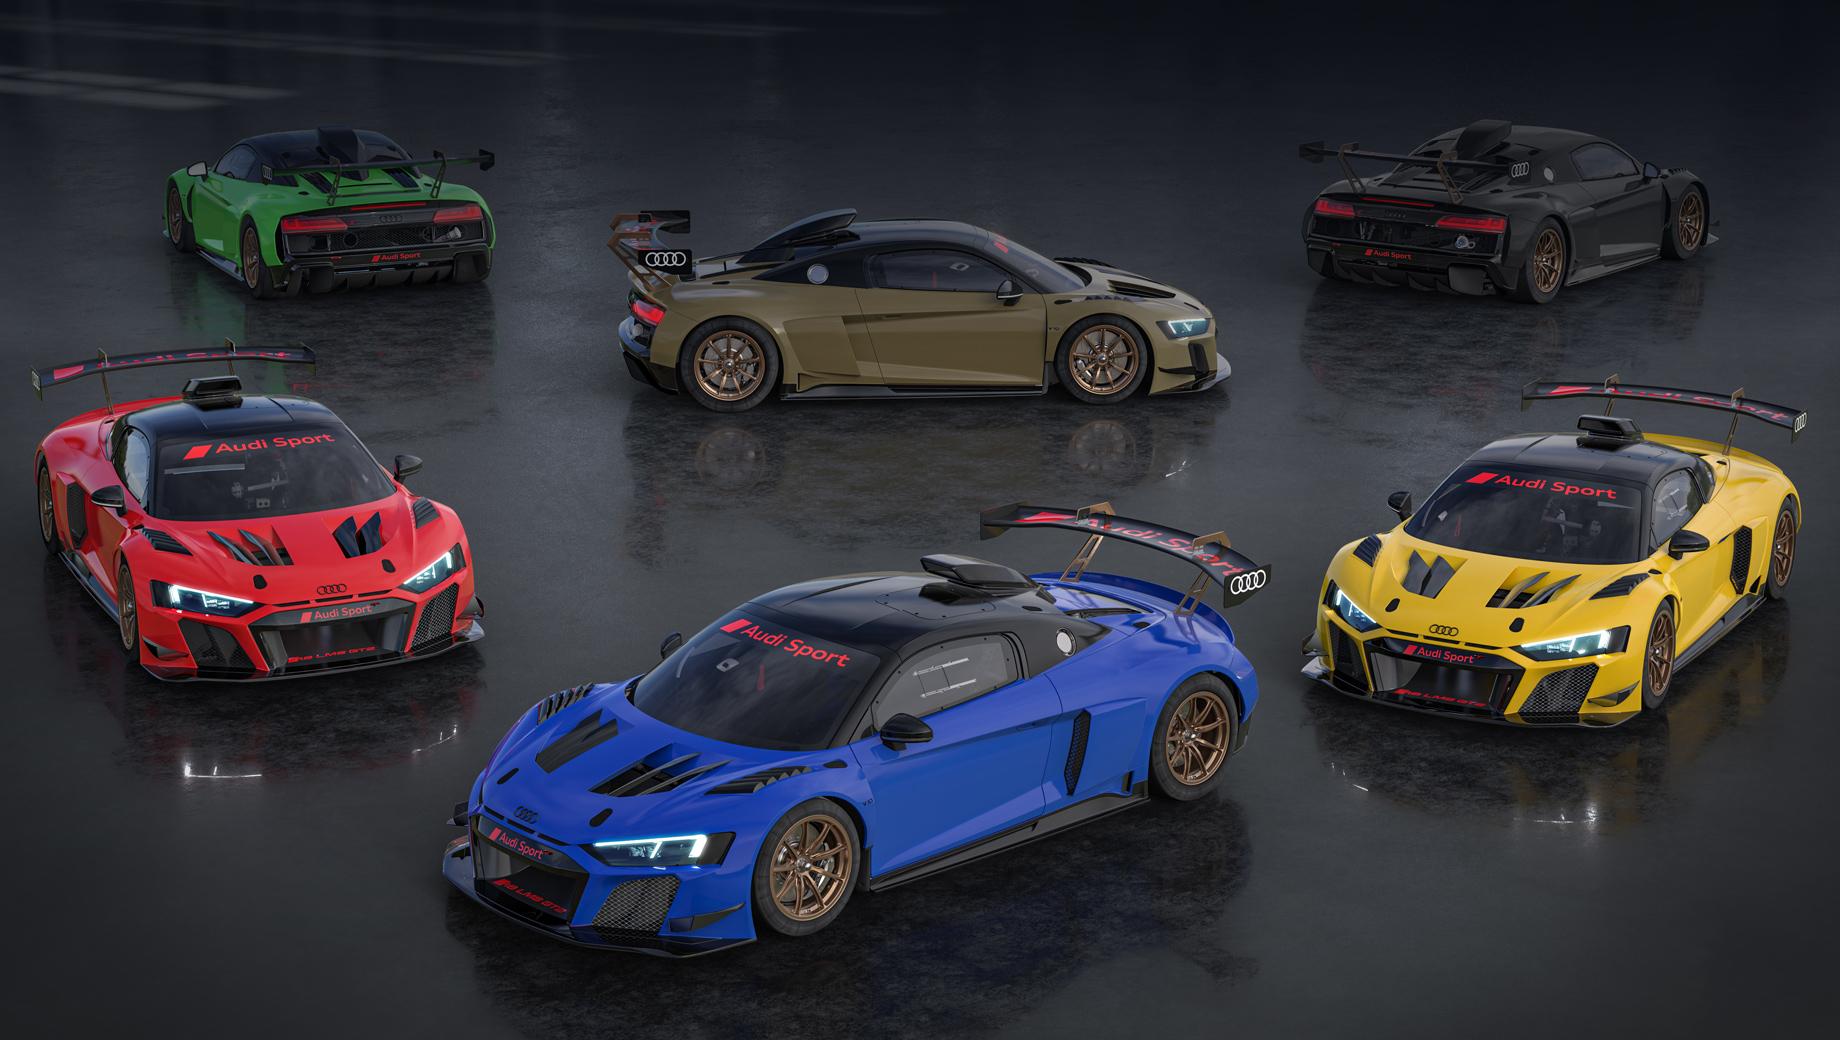 Audi r8,Audi r8 lms gt2. Audi R8 LMS GT2 использует атмосферник V10 5.2 (640 л.с., 550 Н•м), семиступенчатый «робот» и задний привод. При сухой массе 1350 кг GT2 более чем на центнер легче не только полноприводной «эр-восьмой», но даже легче дорожного R8 RWD, и это при каркасе и аэродинамическом обвесе.